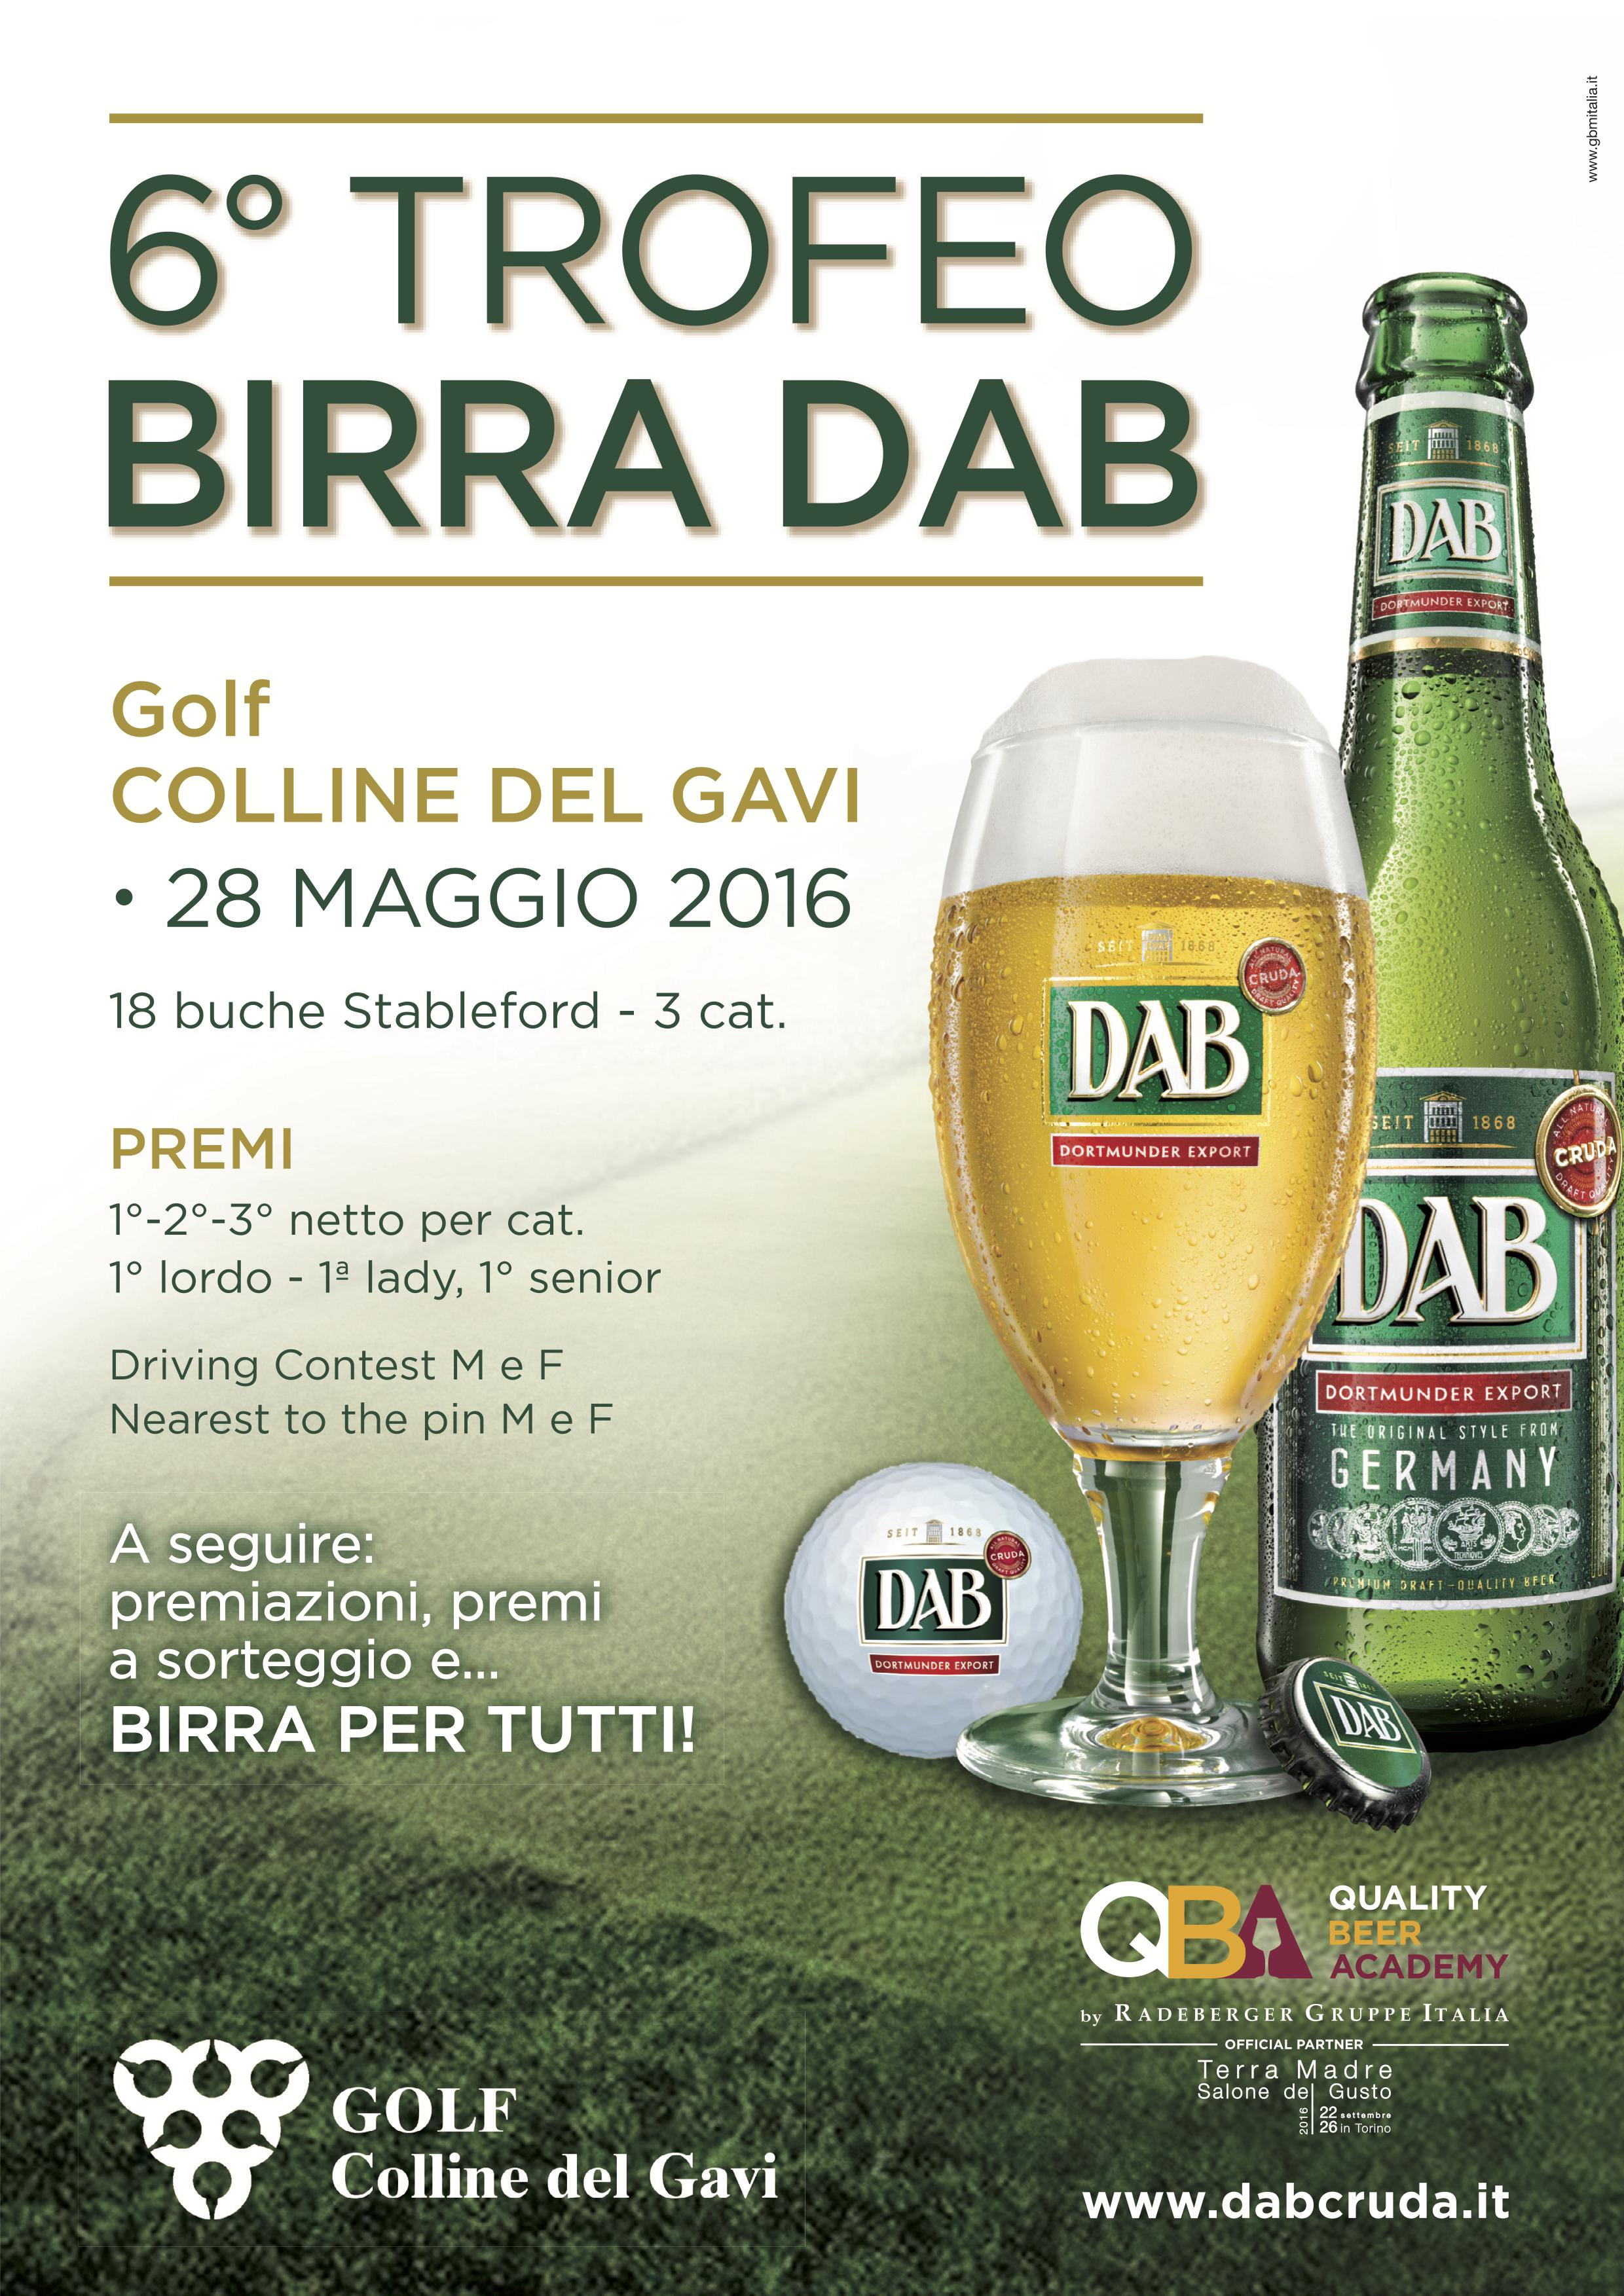 Trofeo birra DAB 2016 Colline